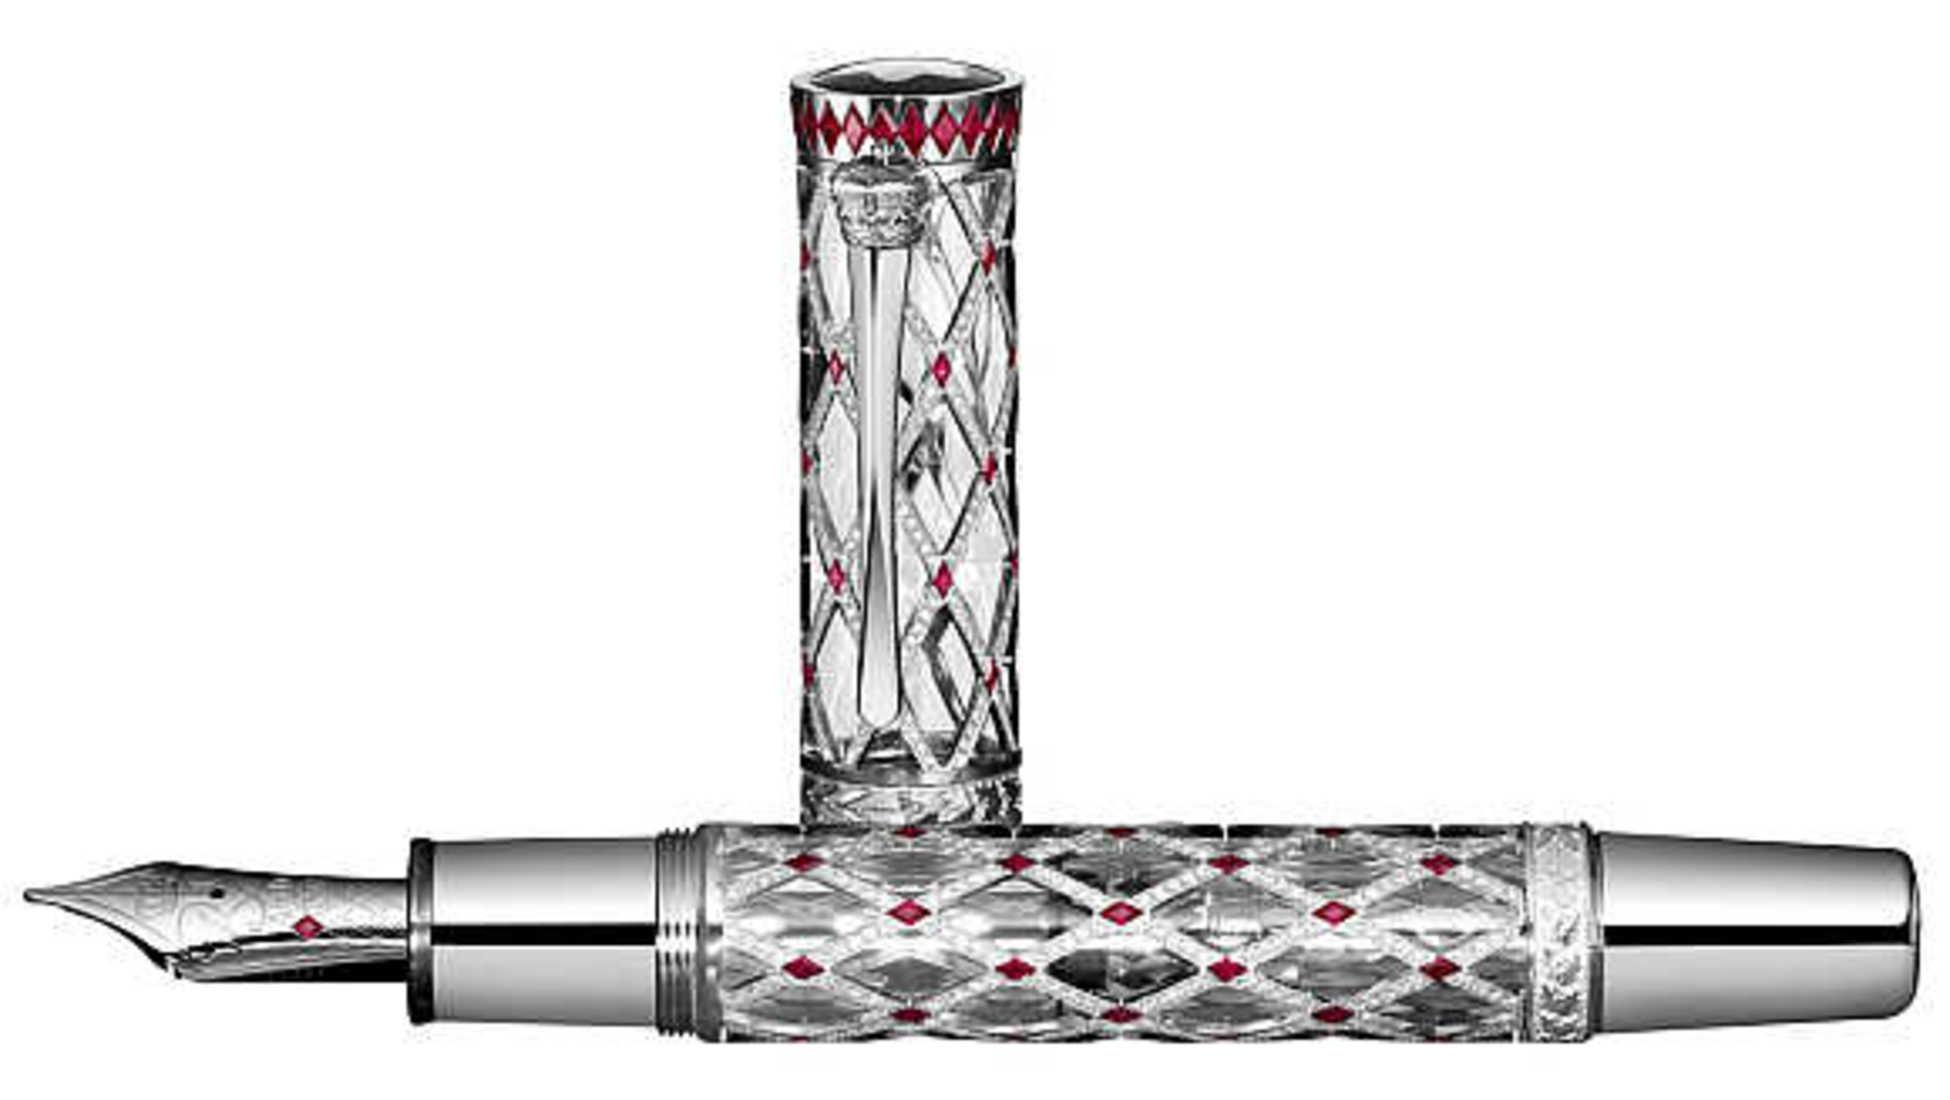 9118ec95270 Le stylo affiche des motifs en or blanc avec 996 diamants et 92 rubis